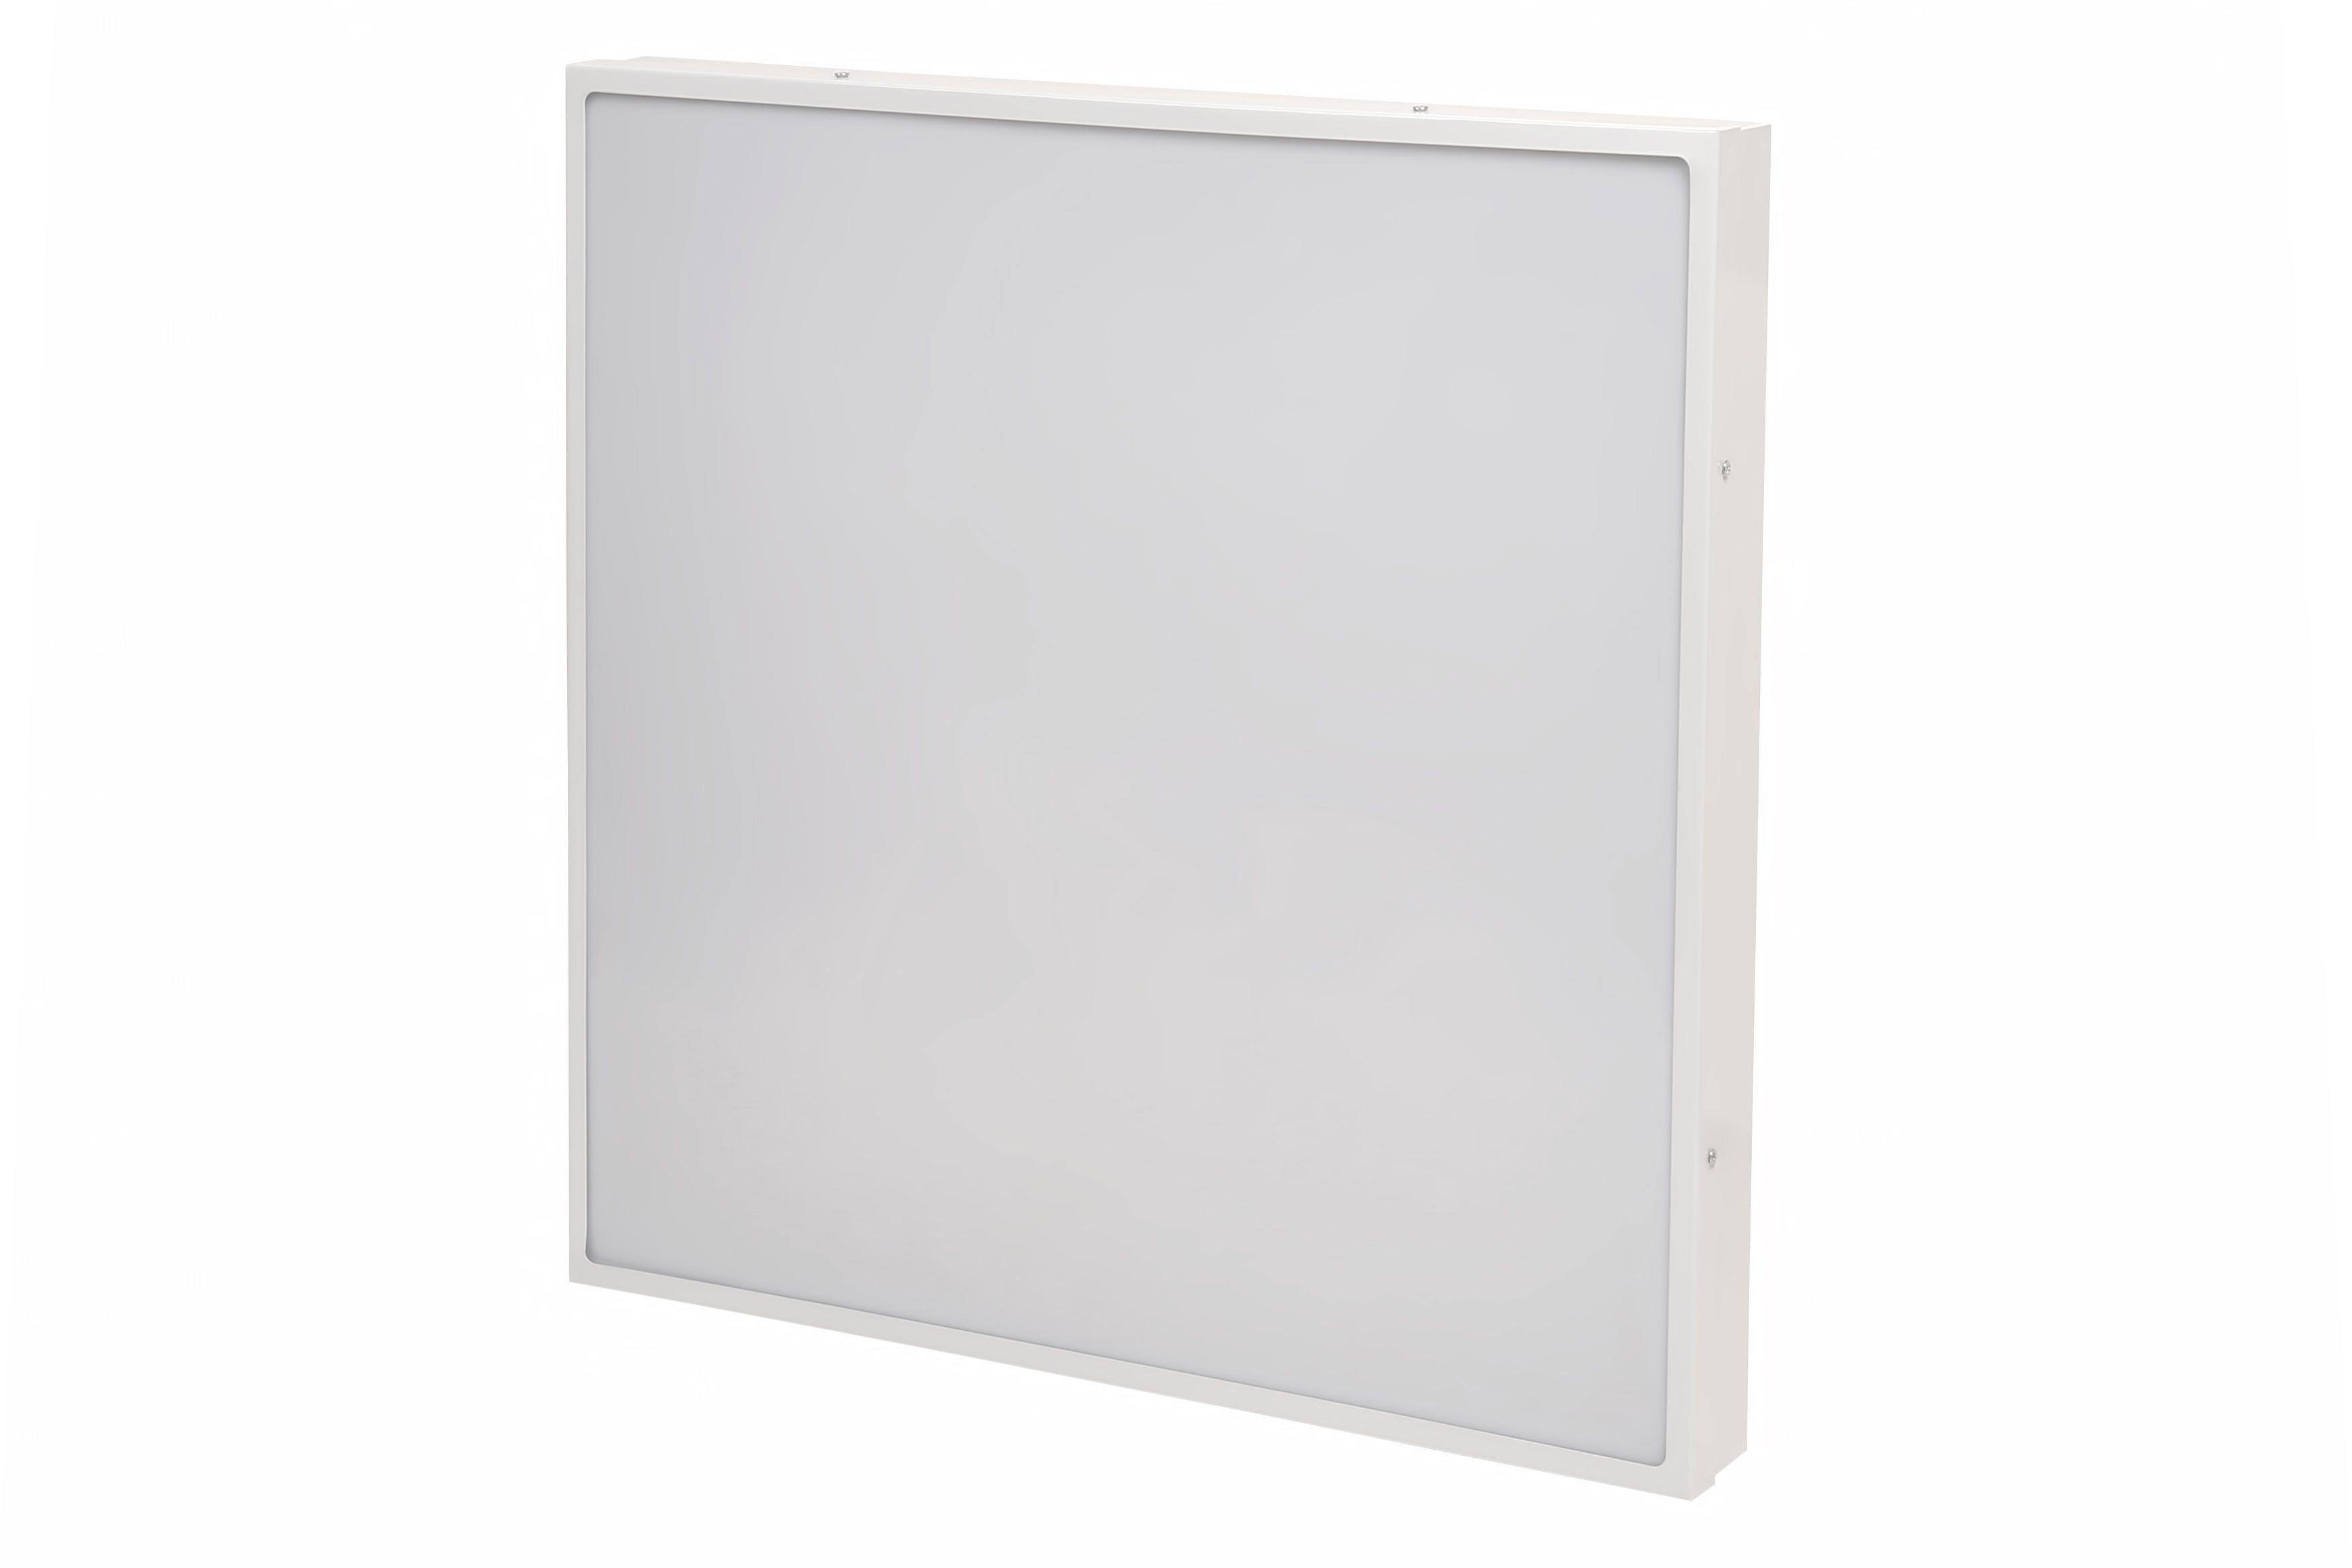 Универсальный светодиодный светильник Ledcraft LC-USZS-60WW 595x595x58 60W Теплый белый